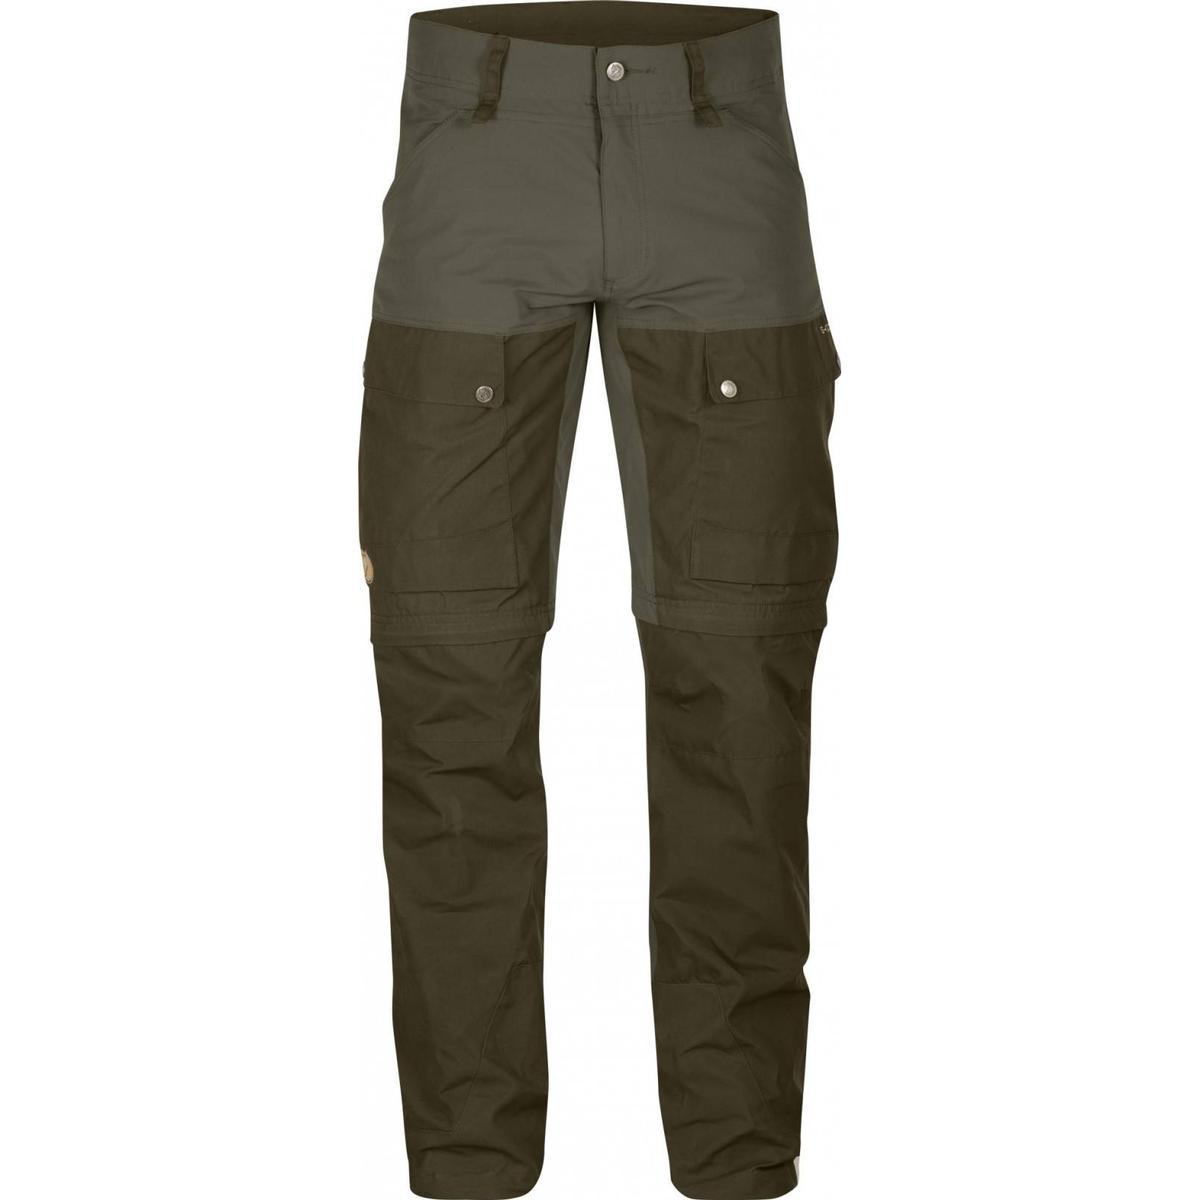 08443bf697f Herretøj - Sammenlign priser på tøj til mænd hos PriceRunner